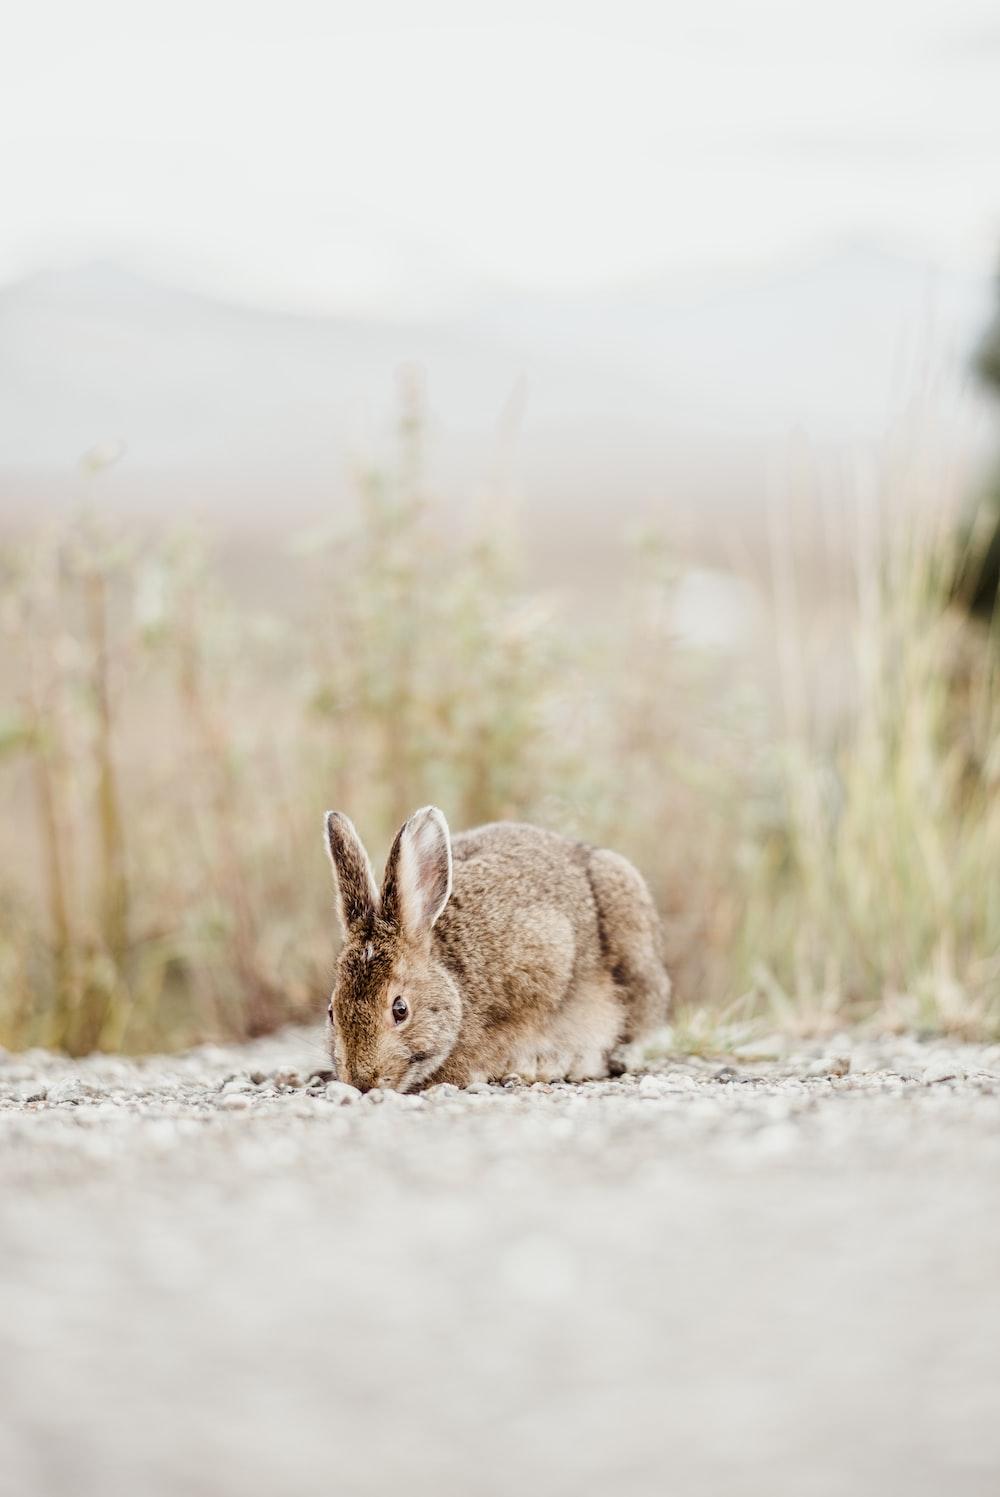 brown rabbit near grass during daytime